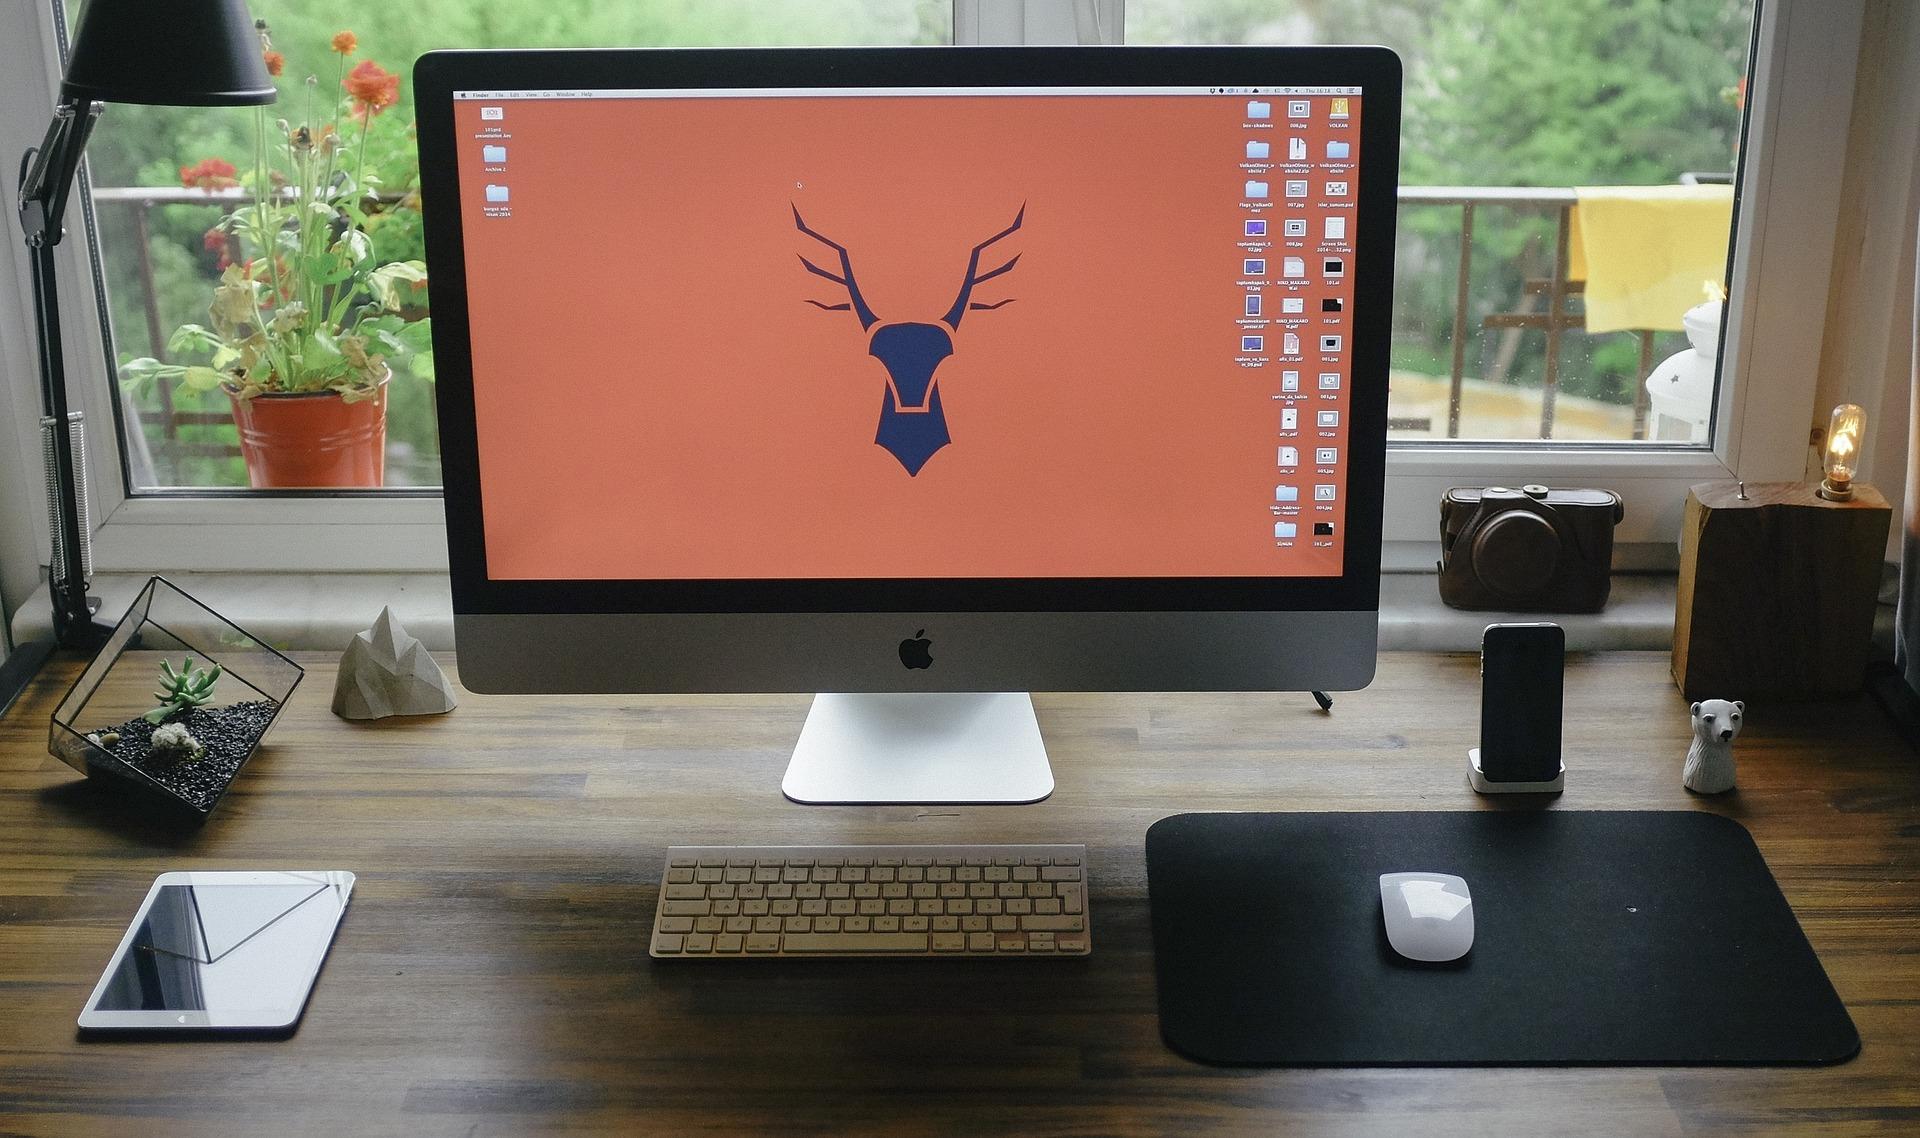 Comprueba la potencia de tu PC con pruebas o benchmarks